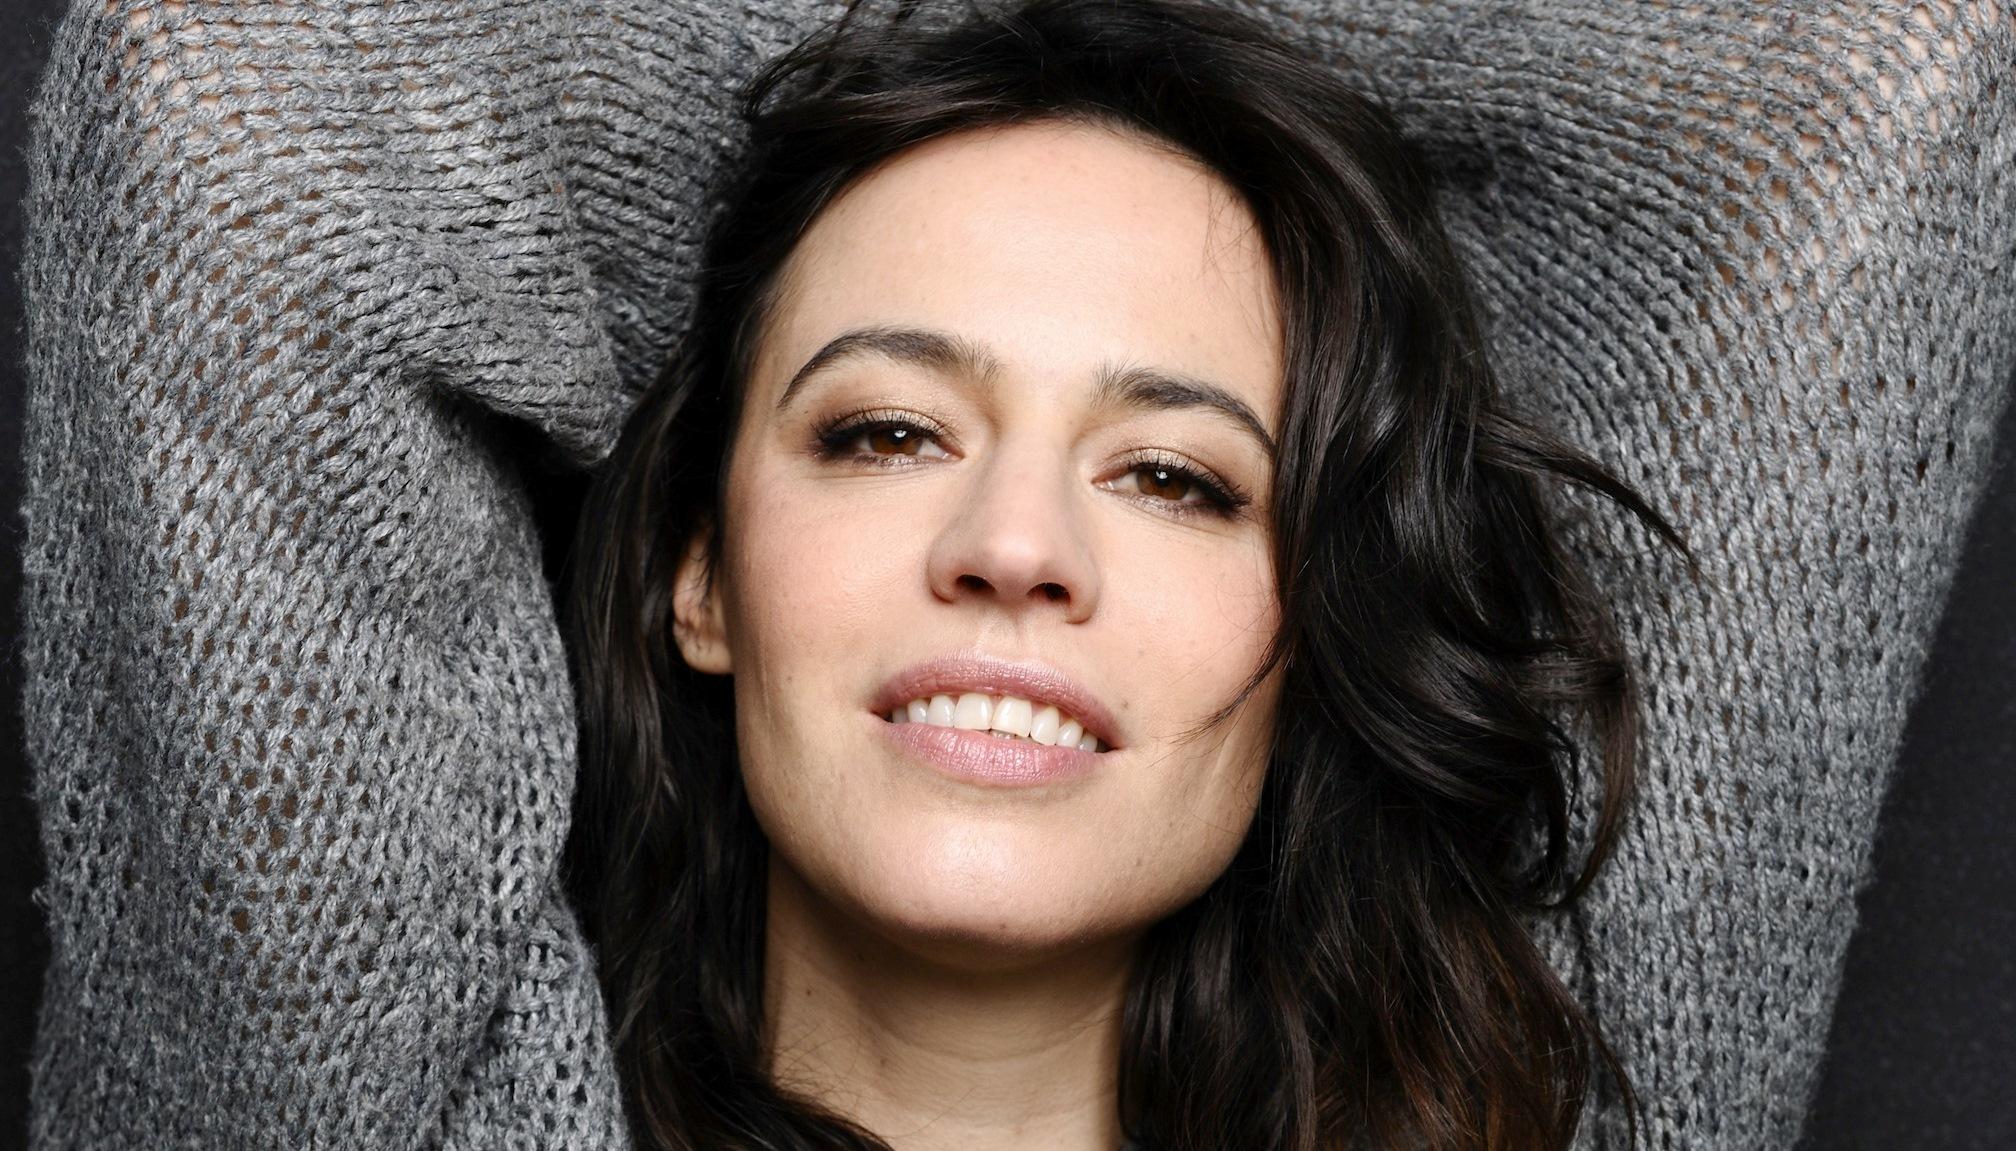 """<span class=""""entry-title-primary"""">Intervista a Giorgia Sinicorni: """"A teatro sposo un miliardario e in tv vado su Marte!""""</span> <span class=""""entry-subtitle"""">L'attrice, conosciuta dal pubblico di canale 5 per """"I Cesaroni"""" e """"Fuoco Amico"""" presenta il suo spettacolo teatrale e la nuova serie francese di cui è protagonista.</span>"""